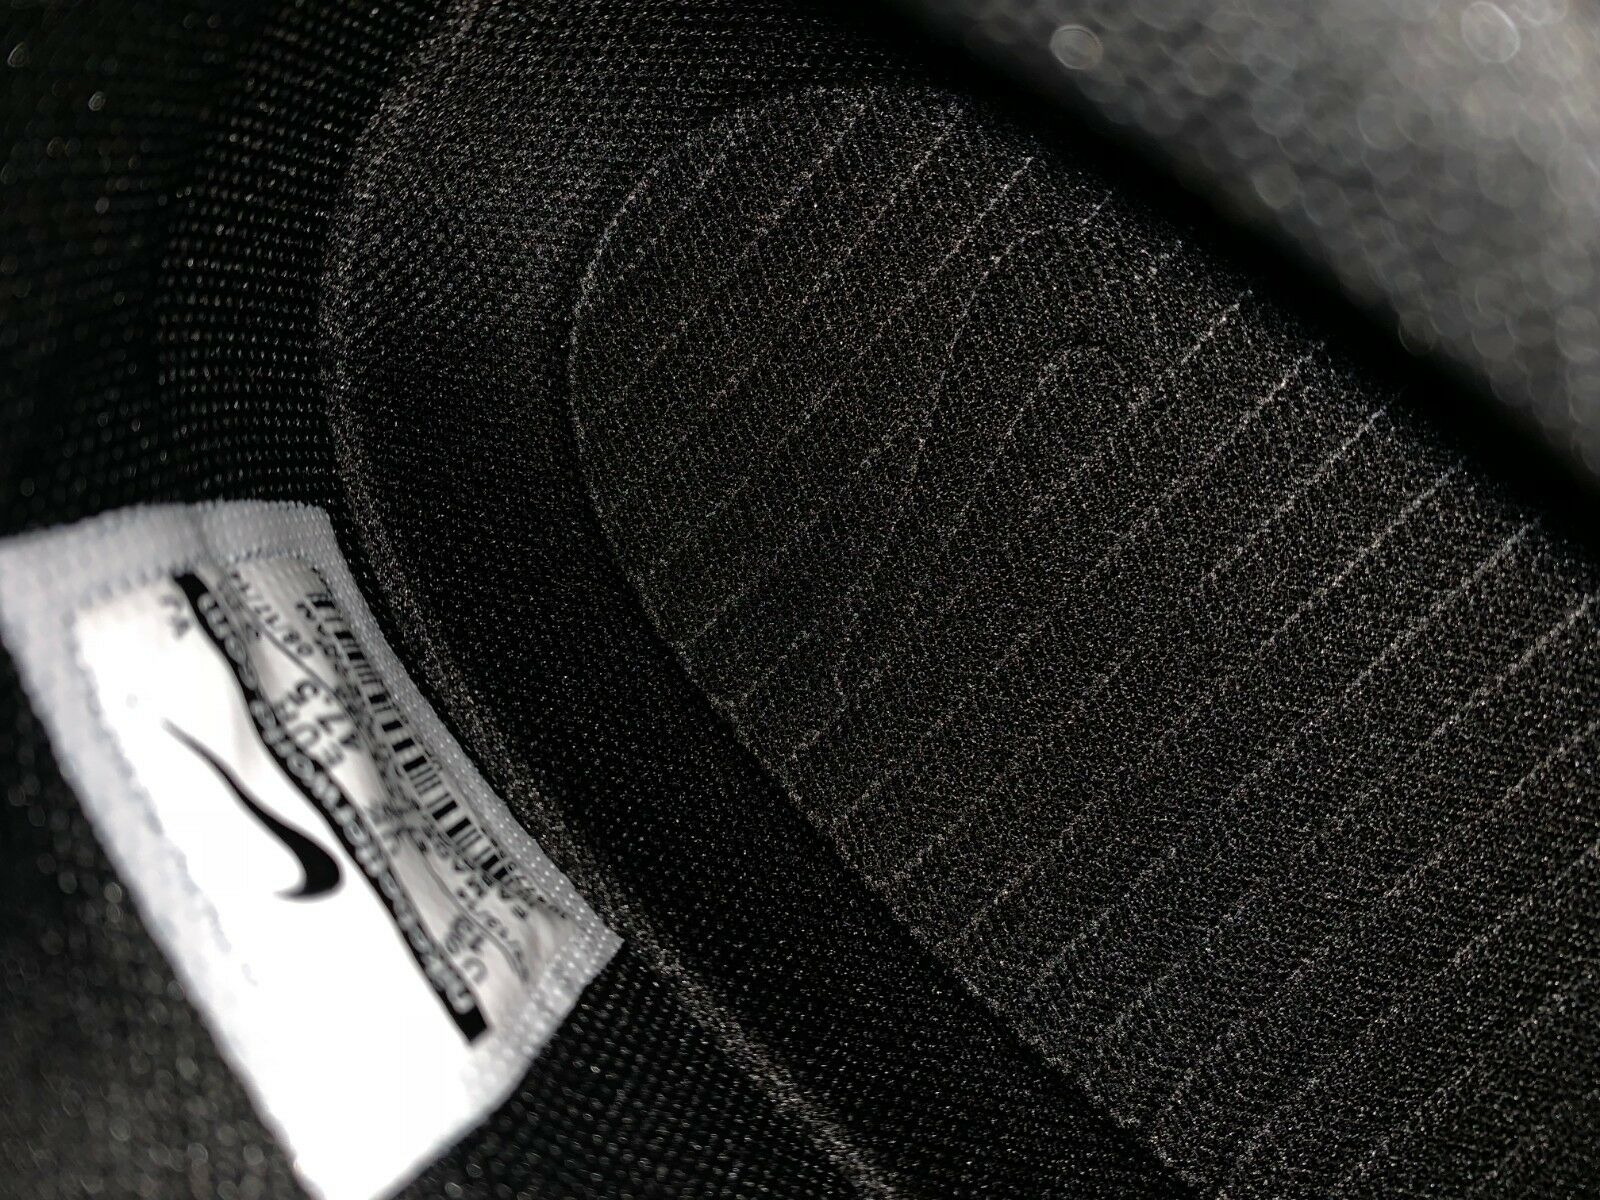 bd2eea685c4 promo code for nike fly knit roshe run random yarn yarn random qs size 13  677243